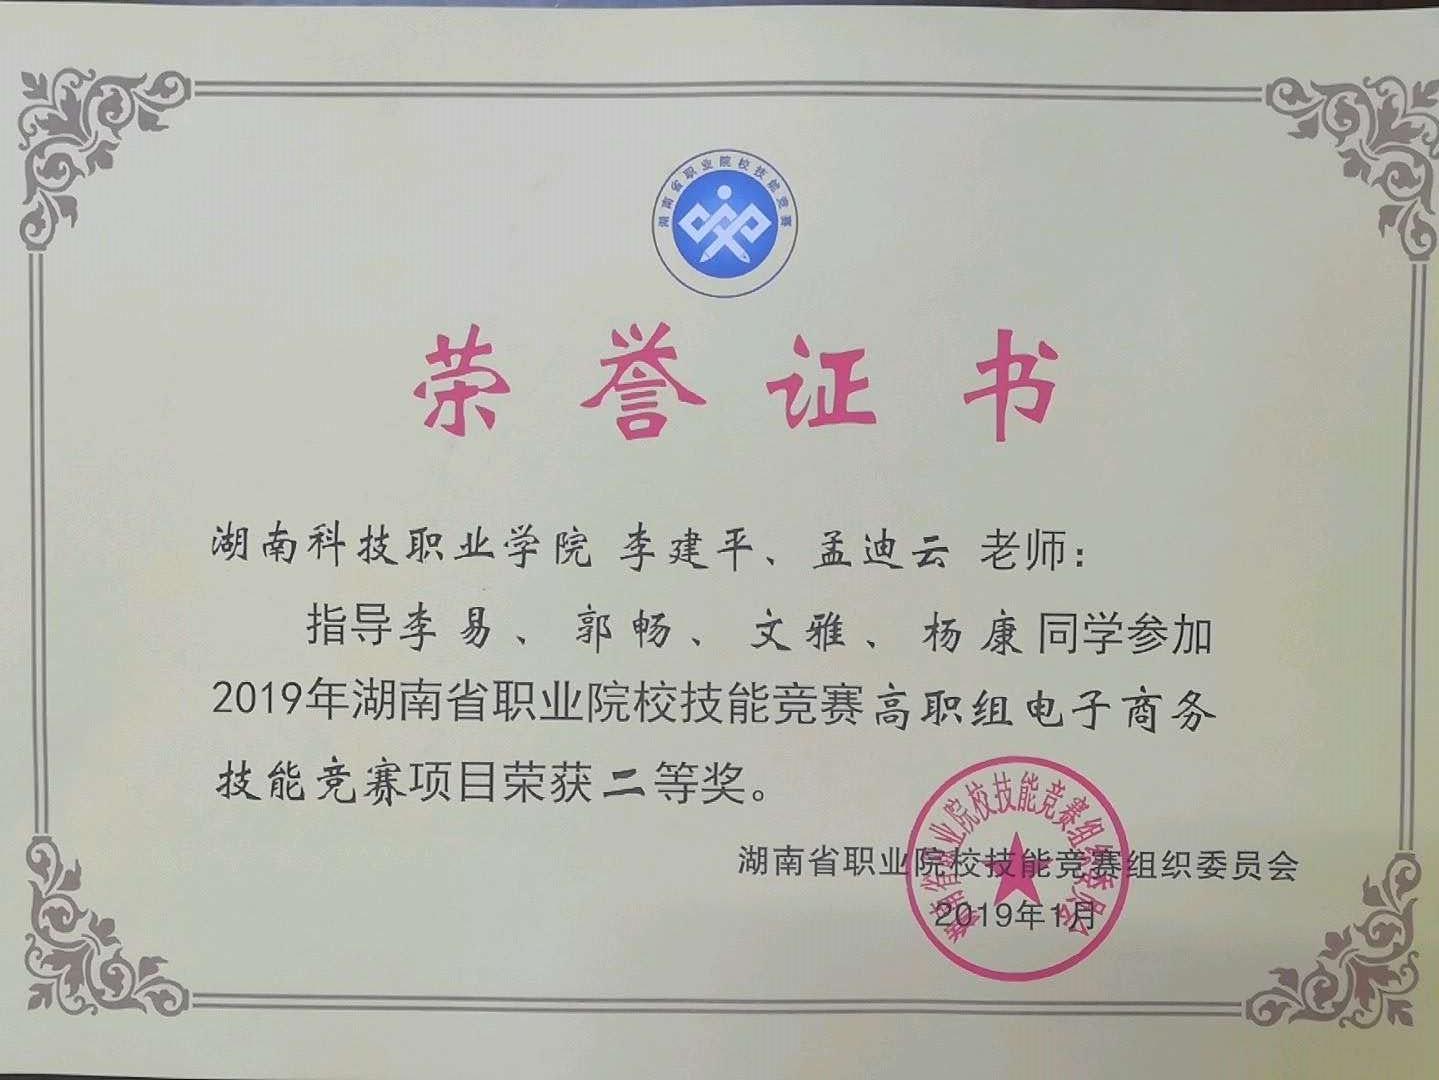 我院师生在2019年湖南省职业院校技能大赛中再创佳绩